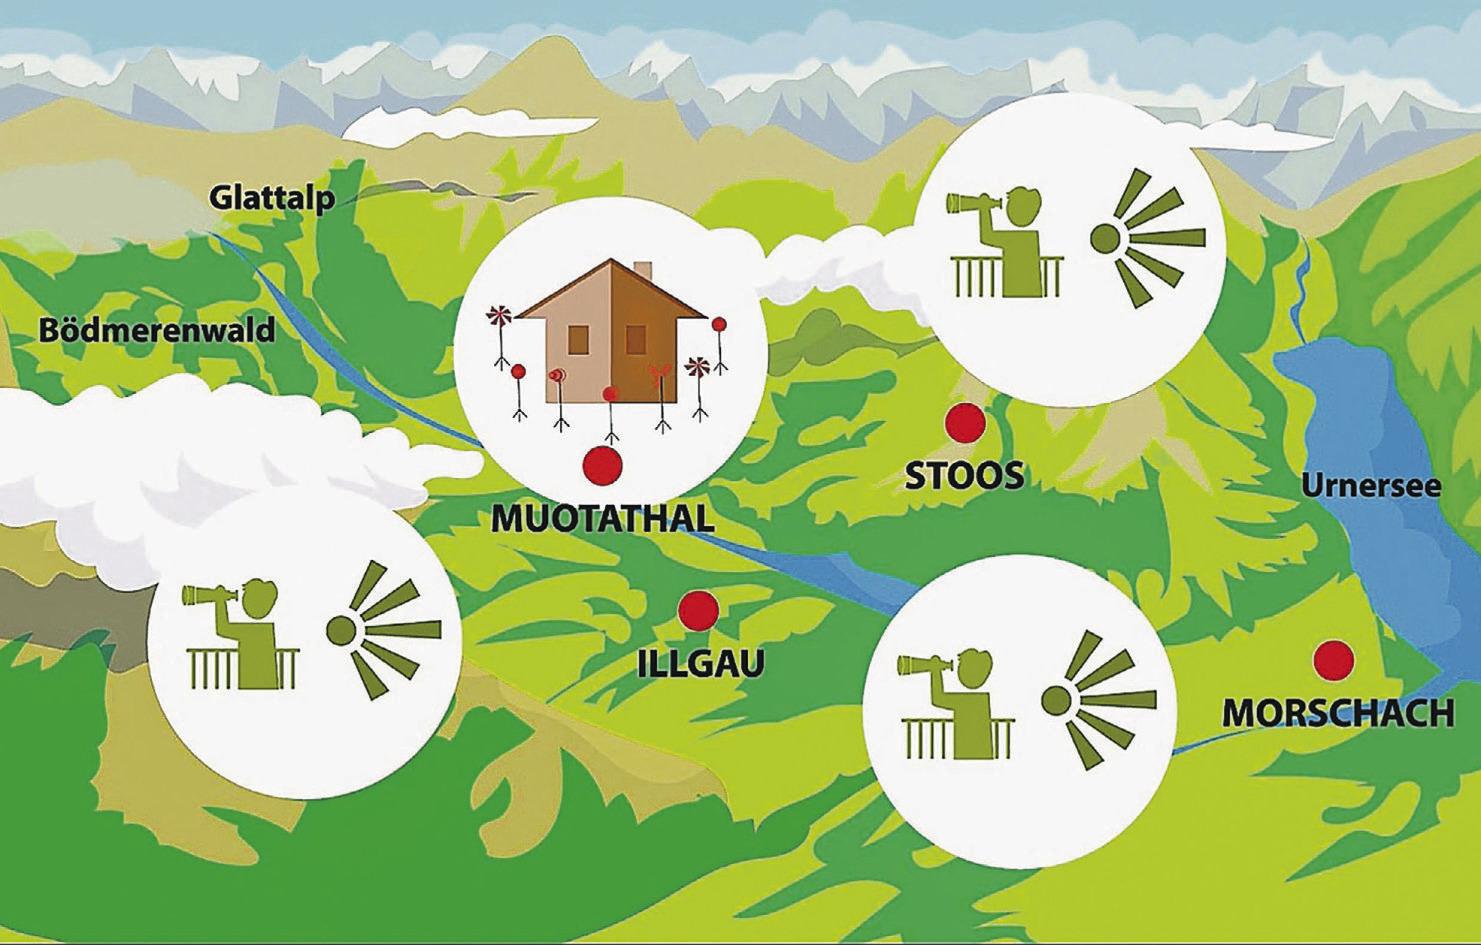 Stoos-Muotathal wird nationales  Wetter-Kompetenzzentrum